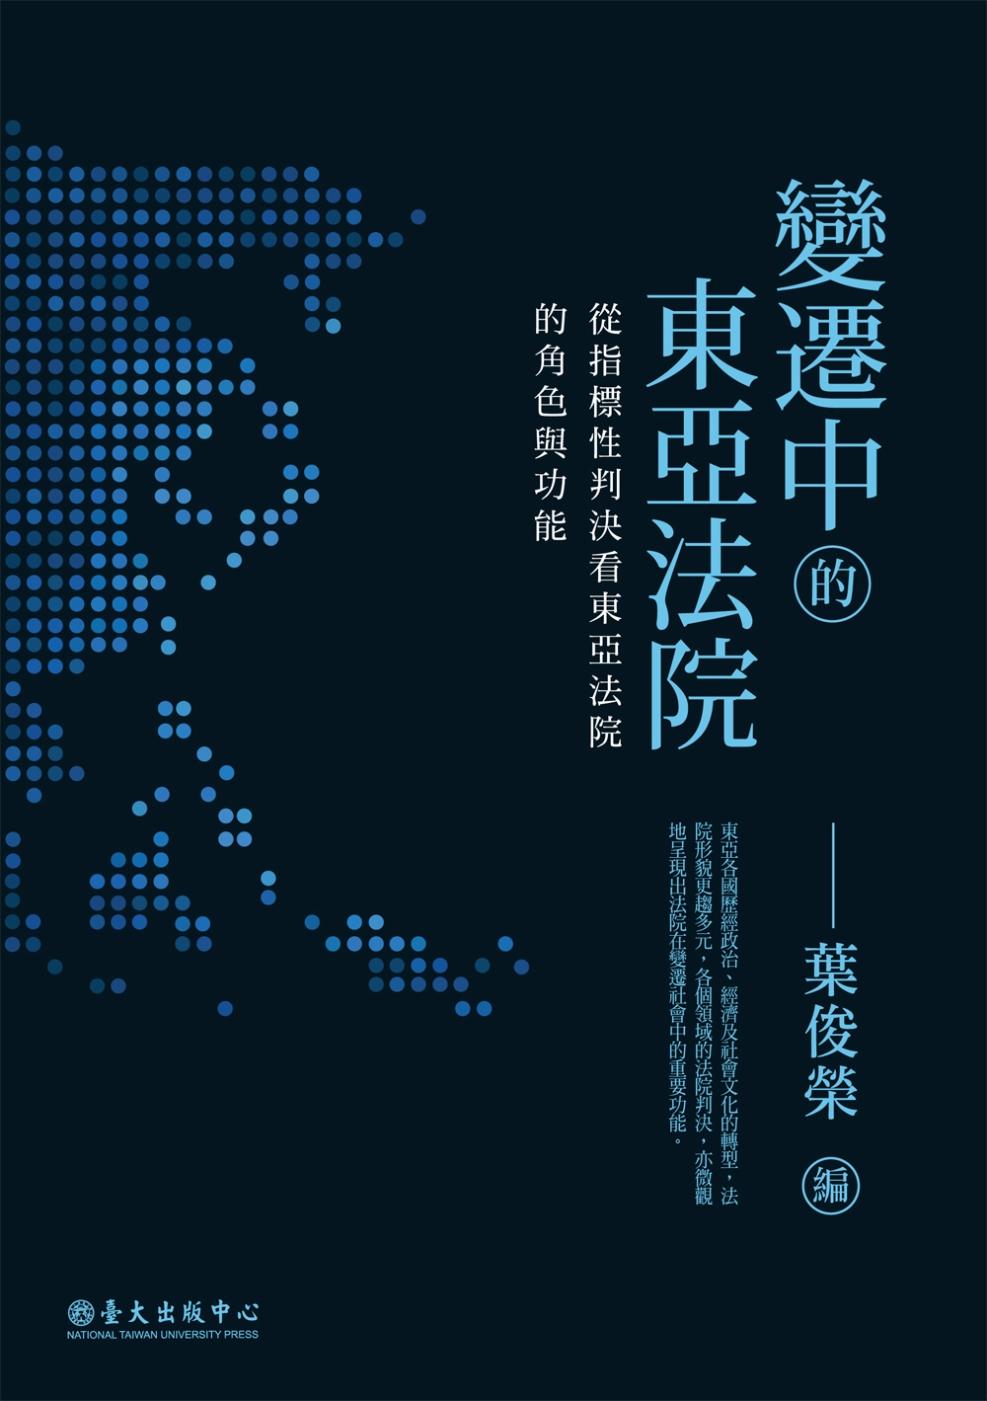 變遷中的東亞法院:從指標性判決看東亞法院的角色與功能